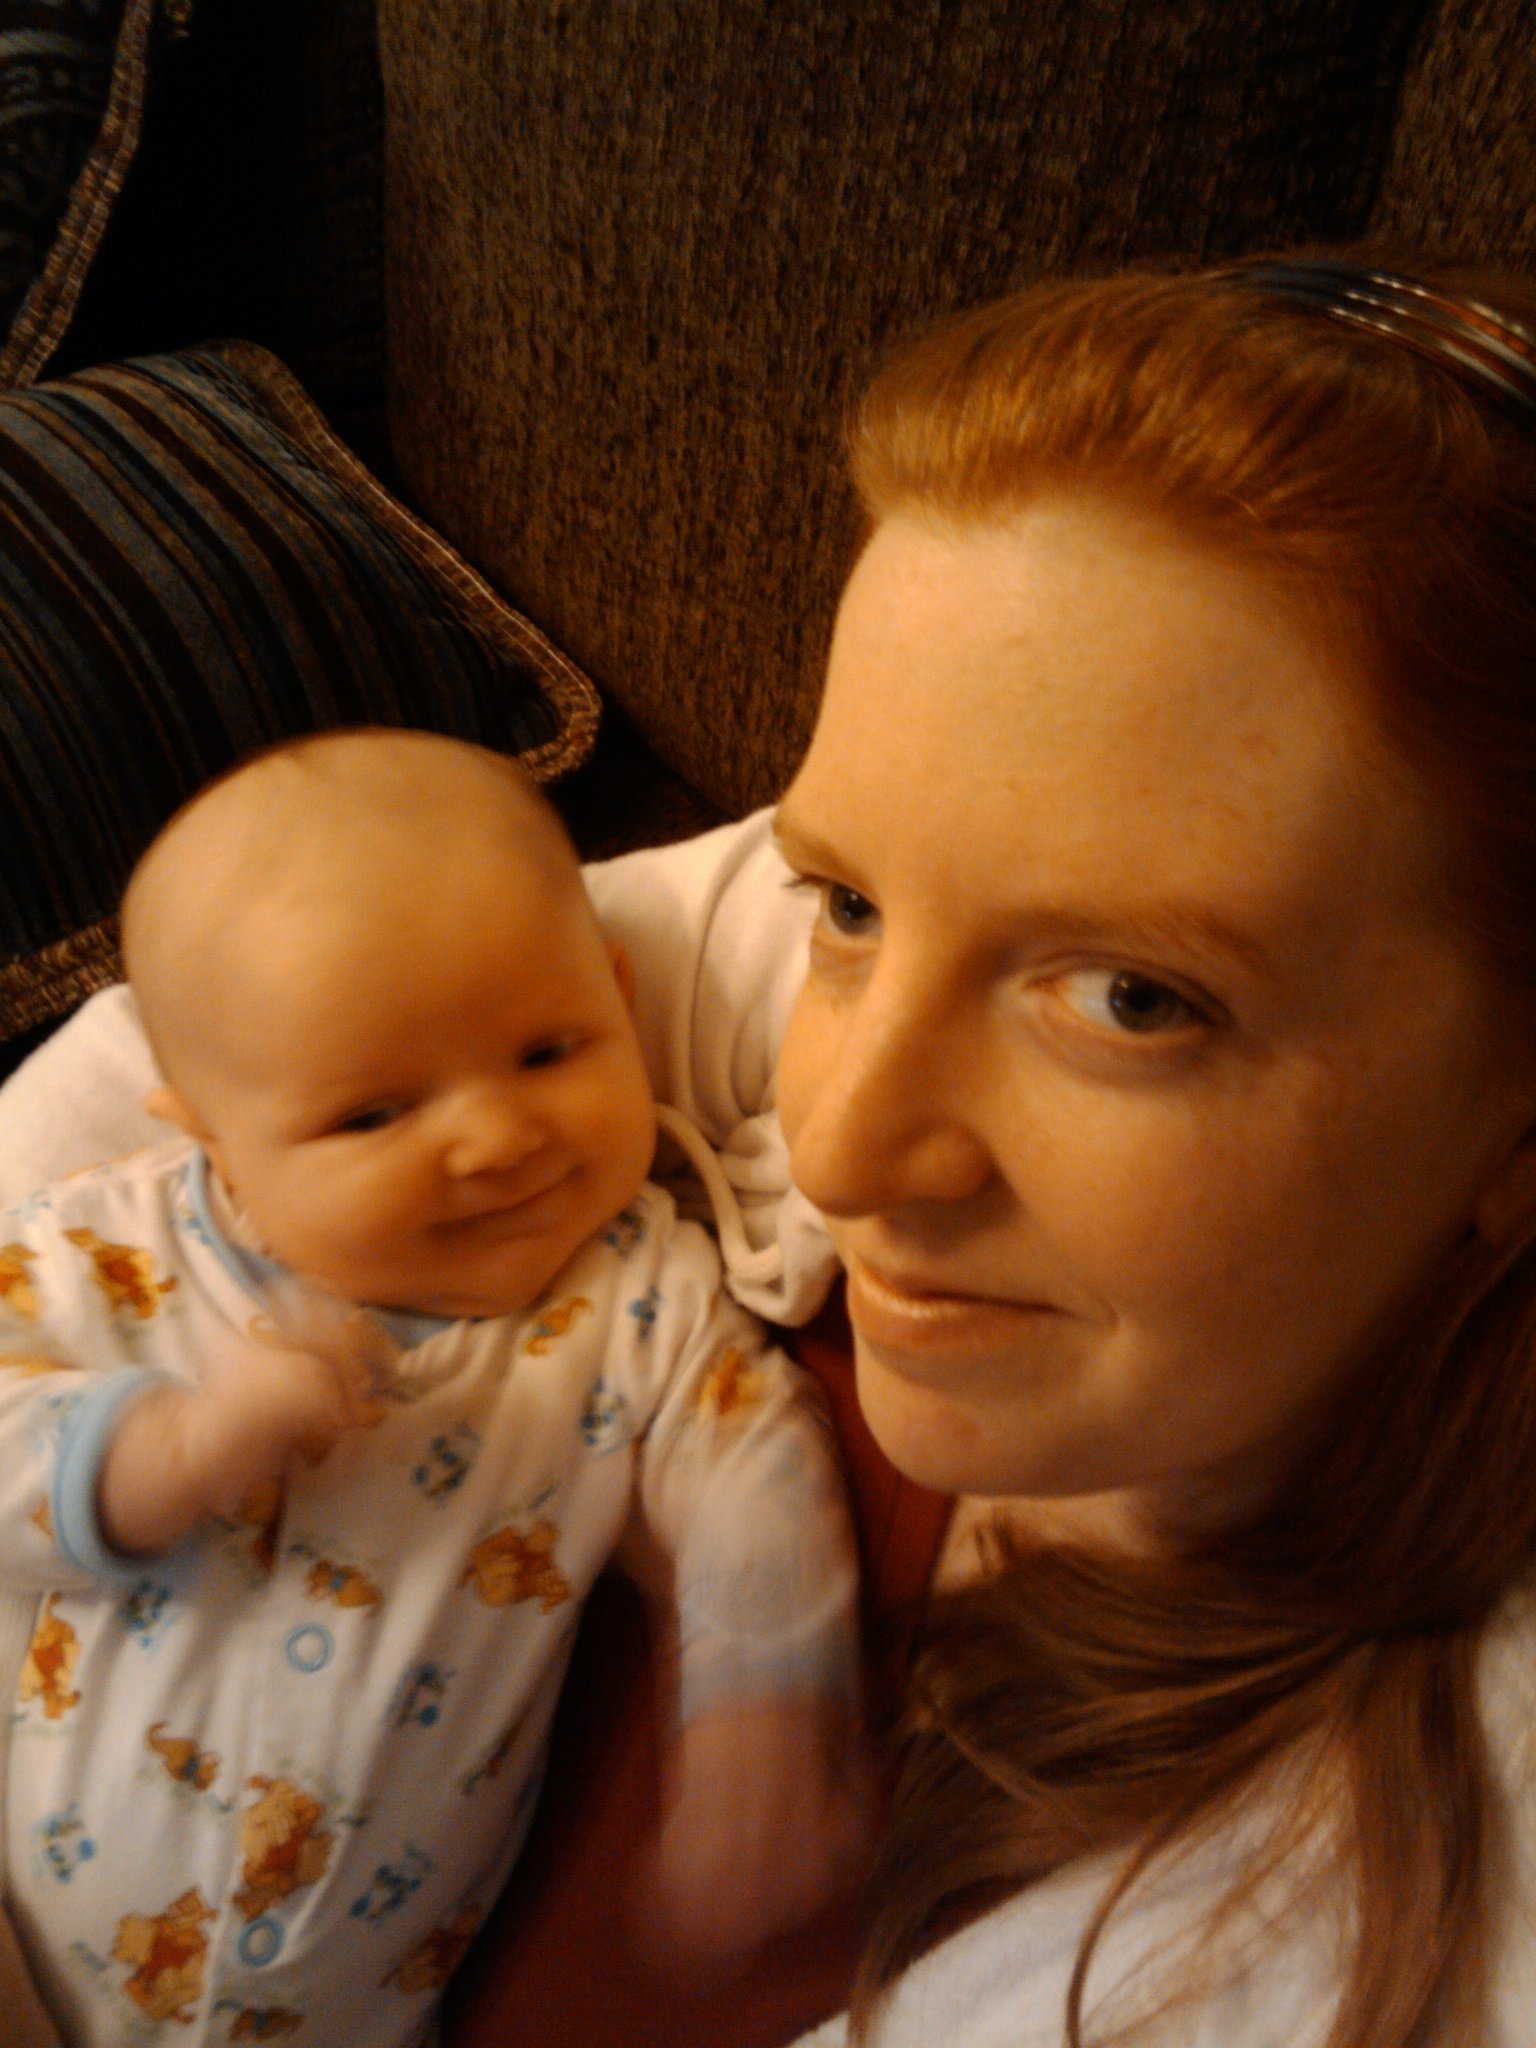 kathleen and baby